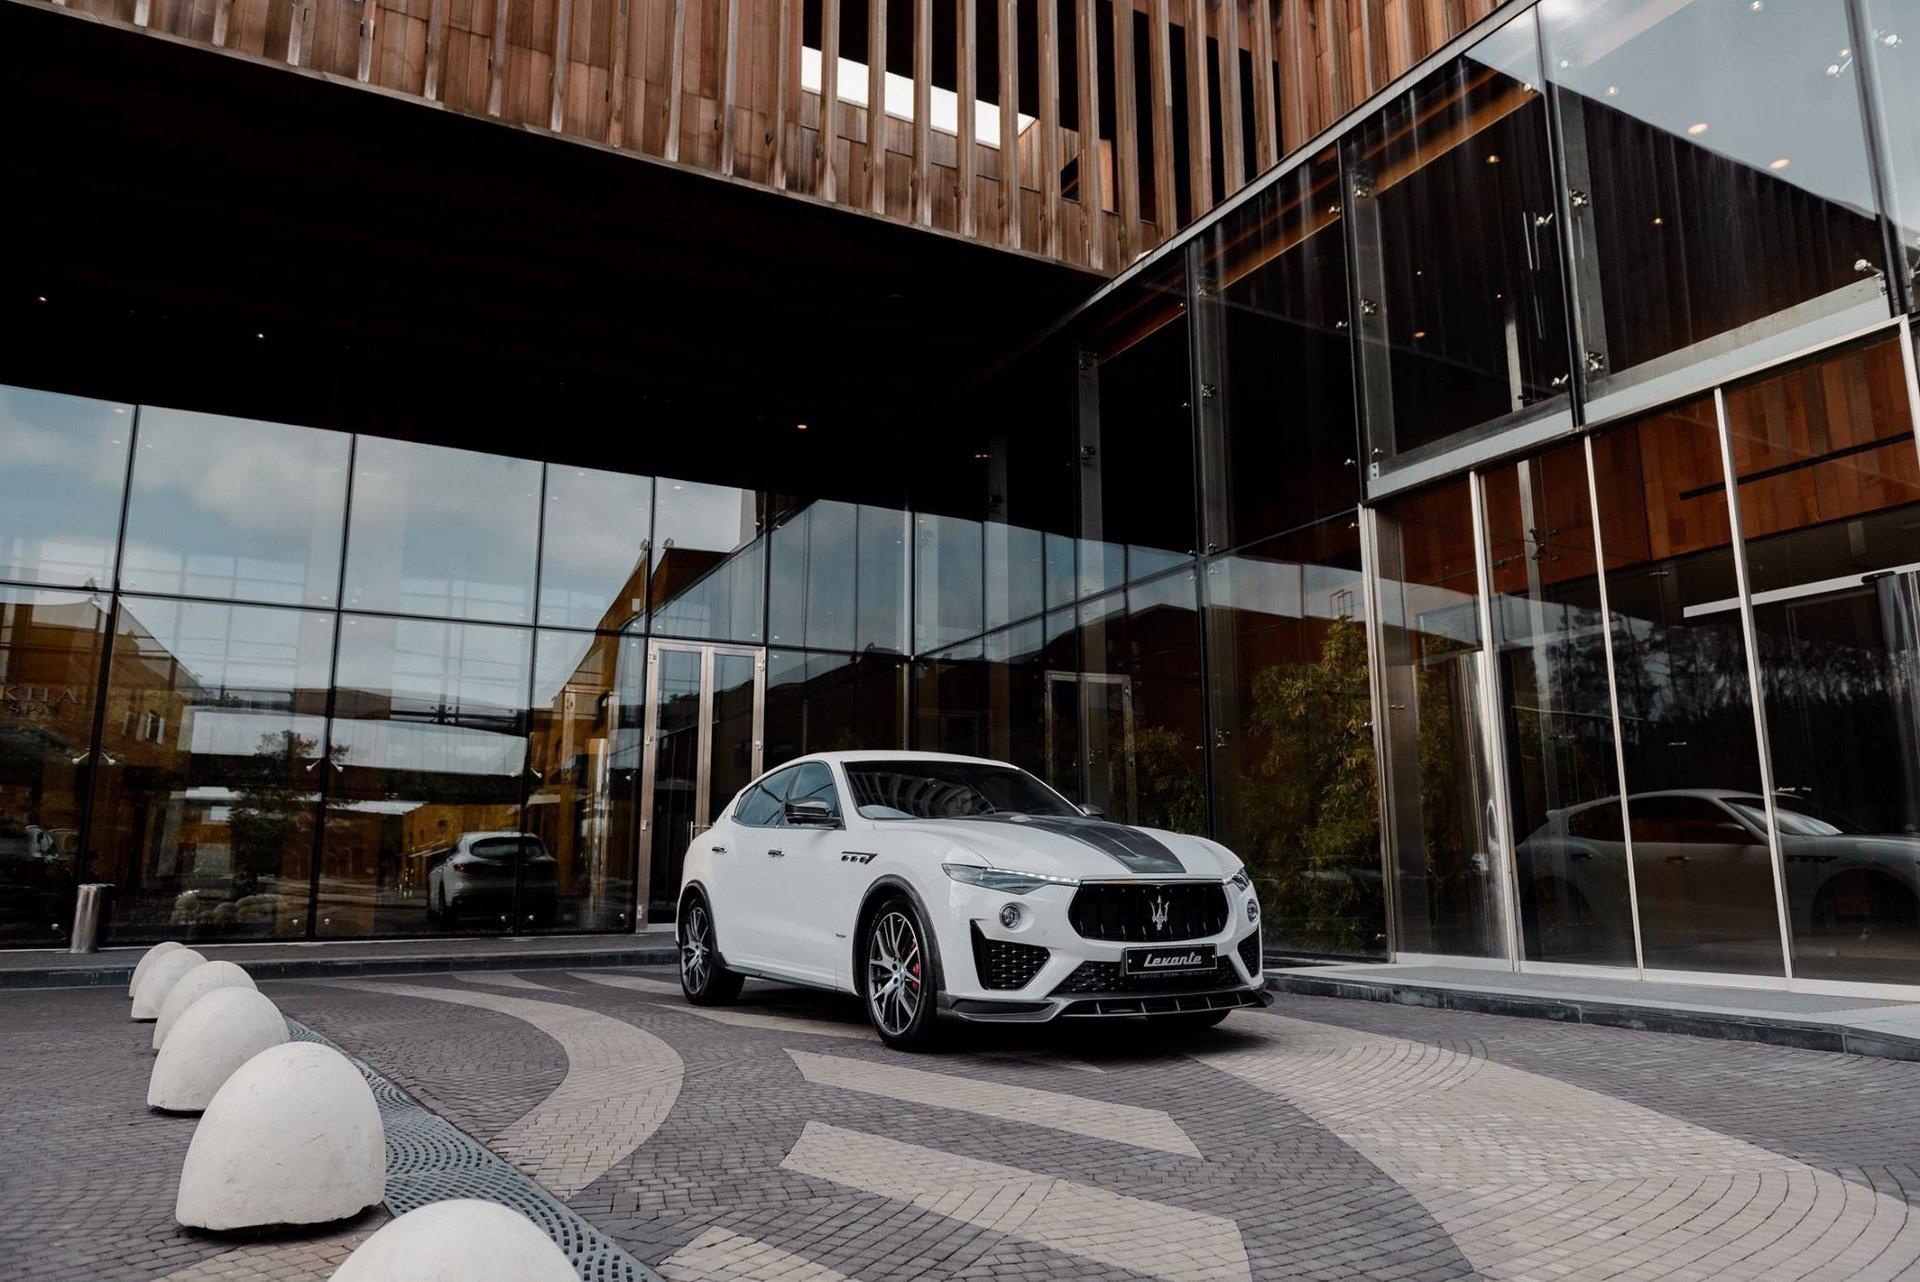 Maserati_Levante_Shtorm_GT_by_Larte_Design_0004